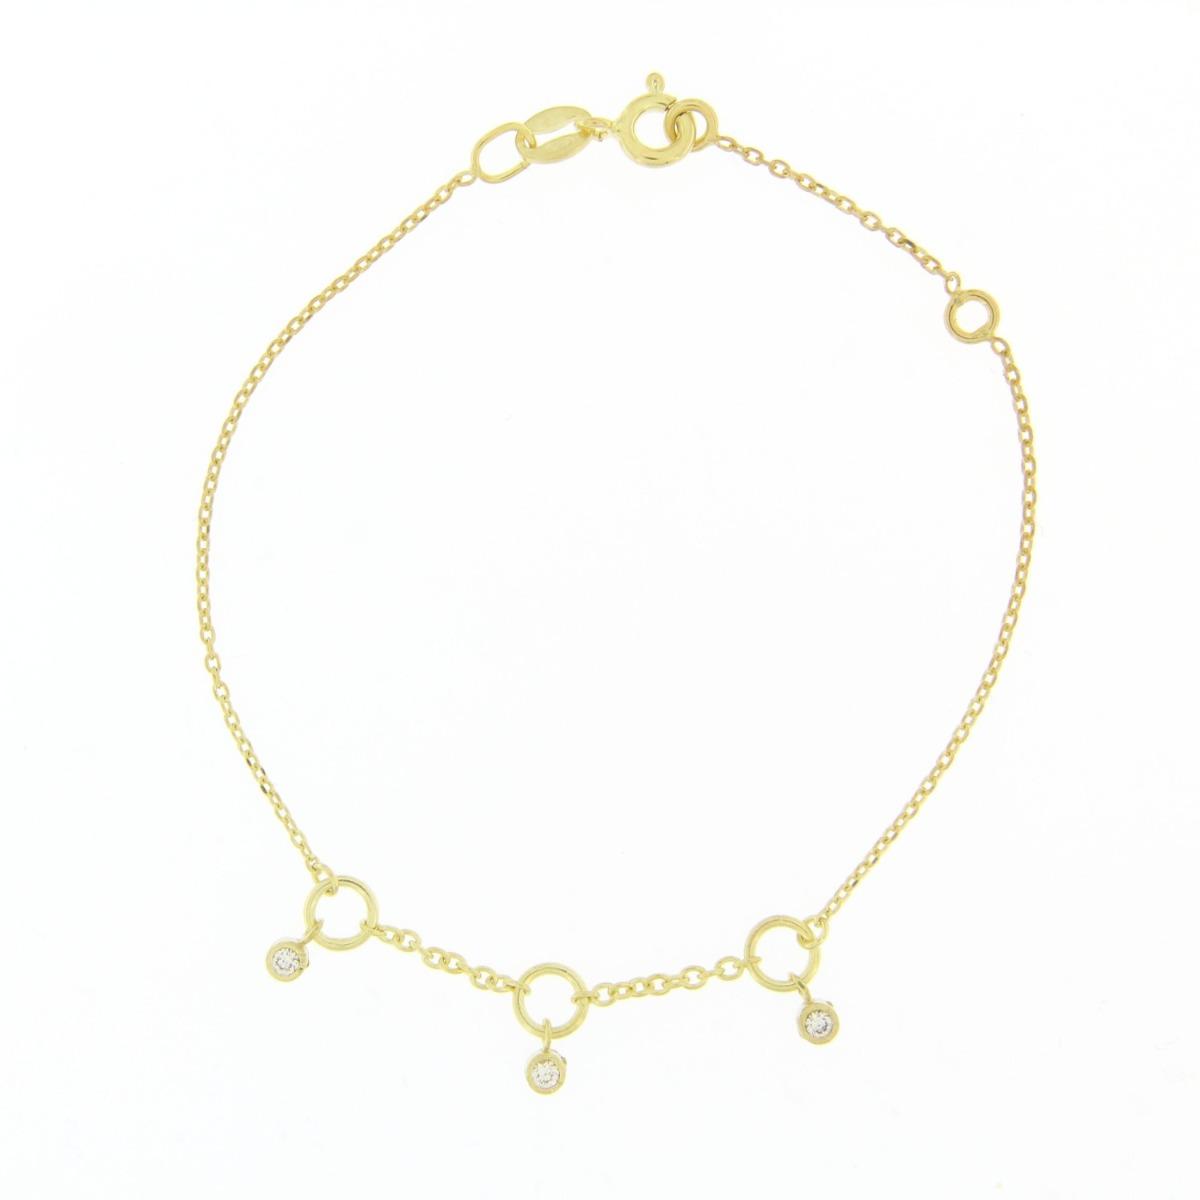 Χρυσό Βραχιόλι Κύκλοι με Πέτρες